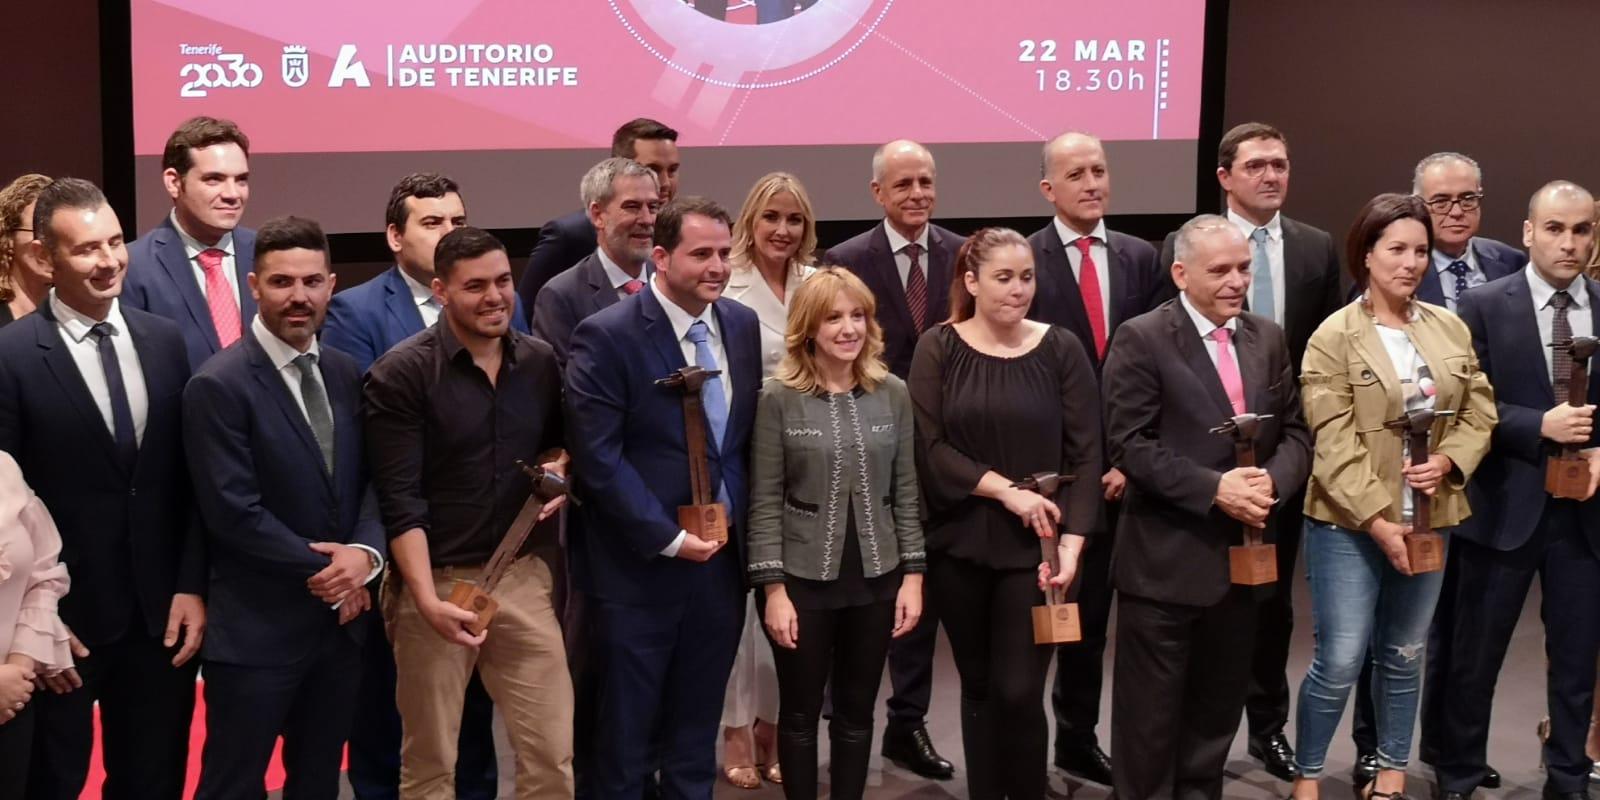 WhatsApp Image 2019 03 22 at 20.29.43 - Ganadores del Premio Joven Empresario de la Provincia de Santa Cruz de Tenerife.